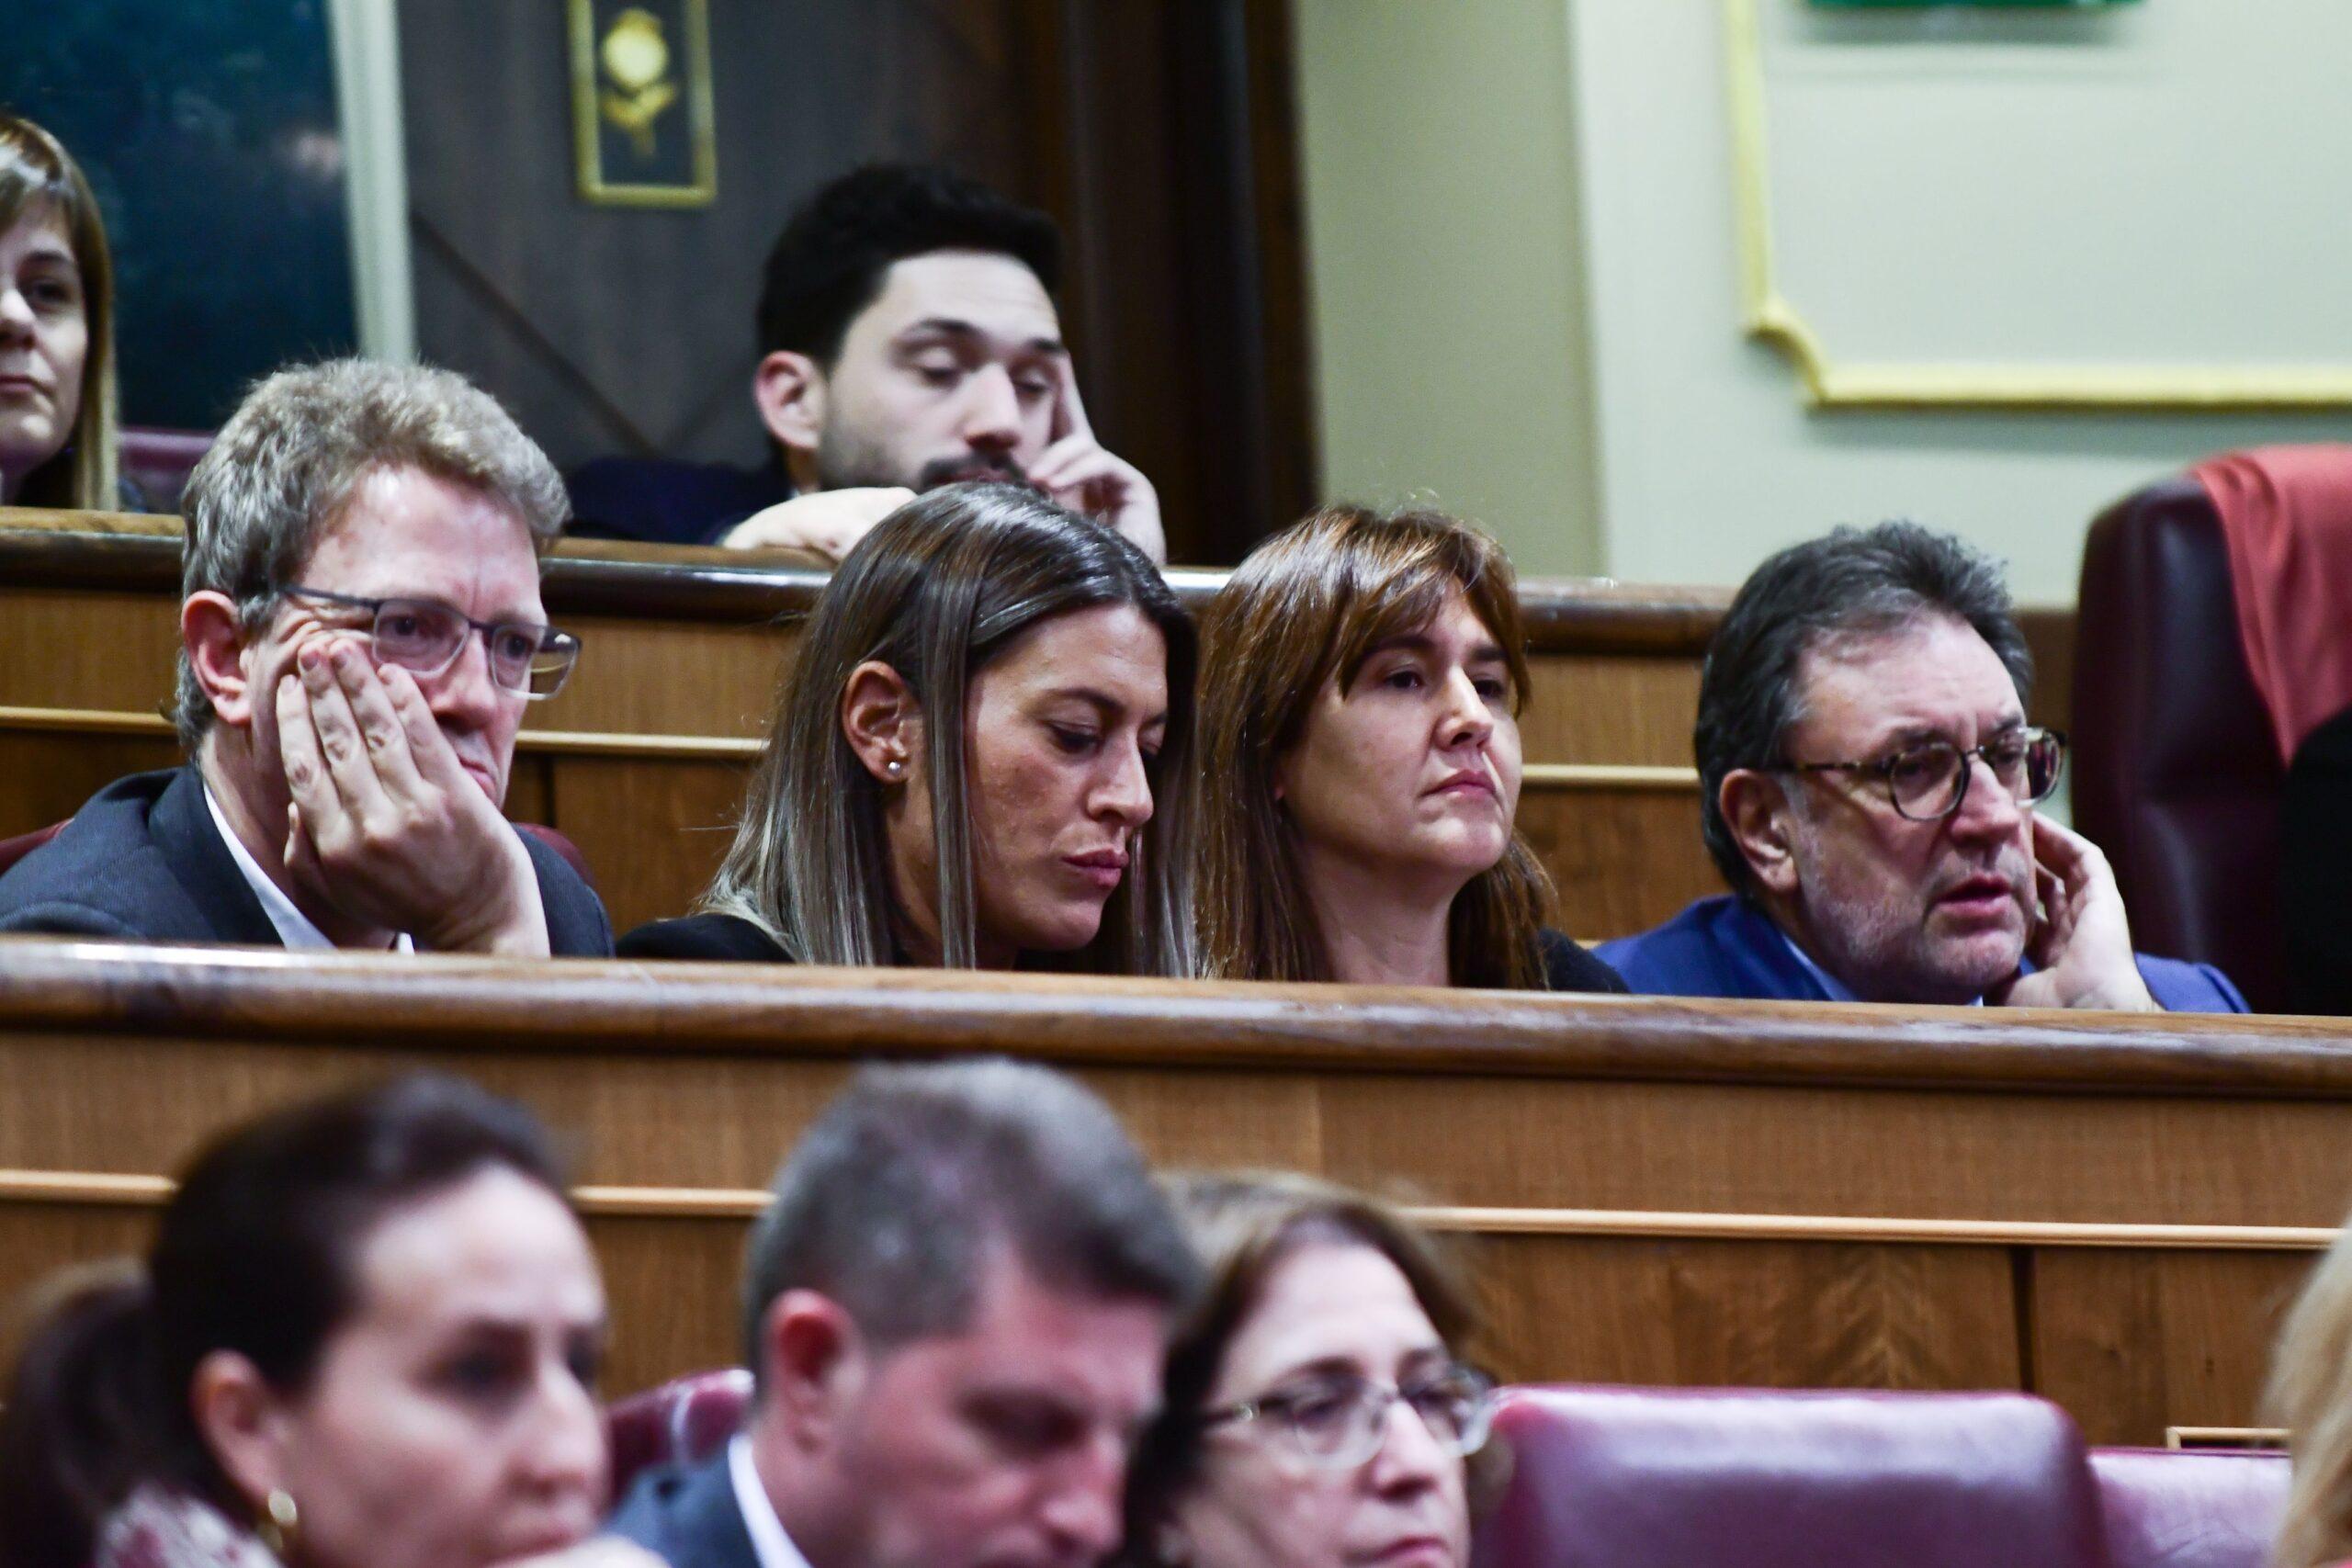 Els diputats de JxCat Laura Borràs, Josep Lluís Cleries, Ferran Bel i Míriam Nogueras, escoltant el debat d'investidura des del seu escó al Congrés dels Diputats